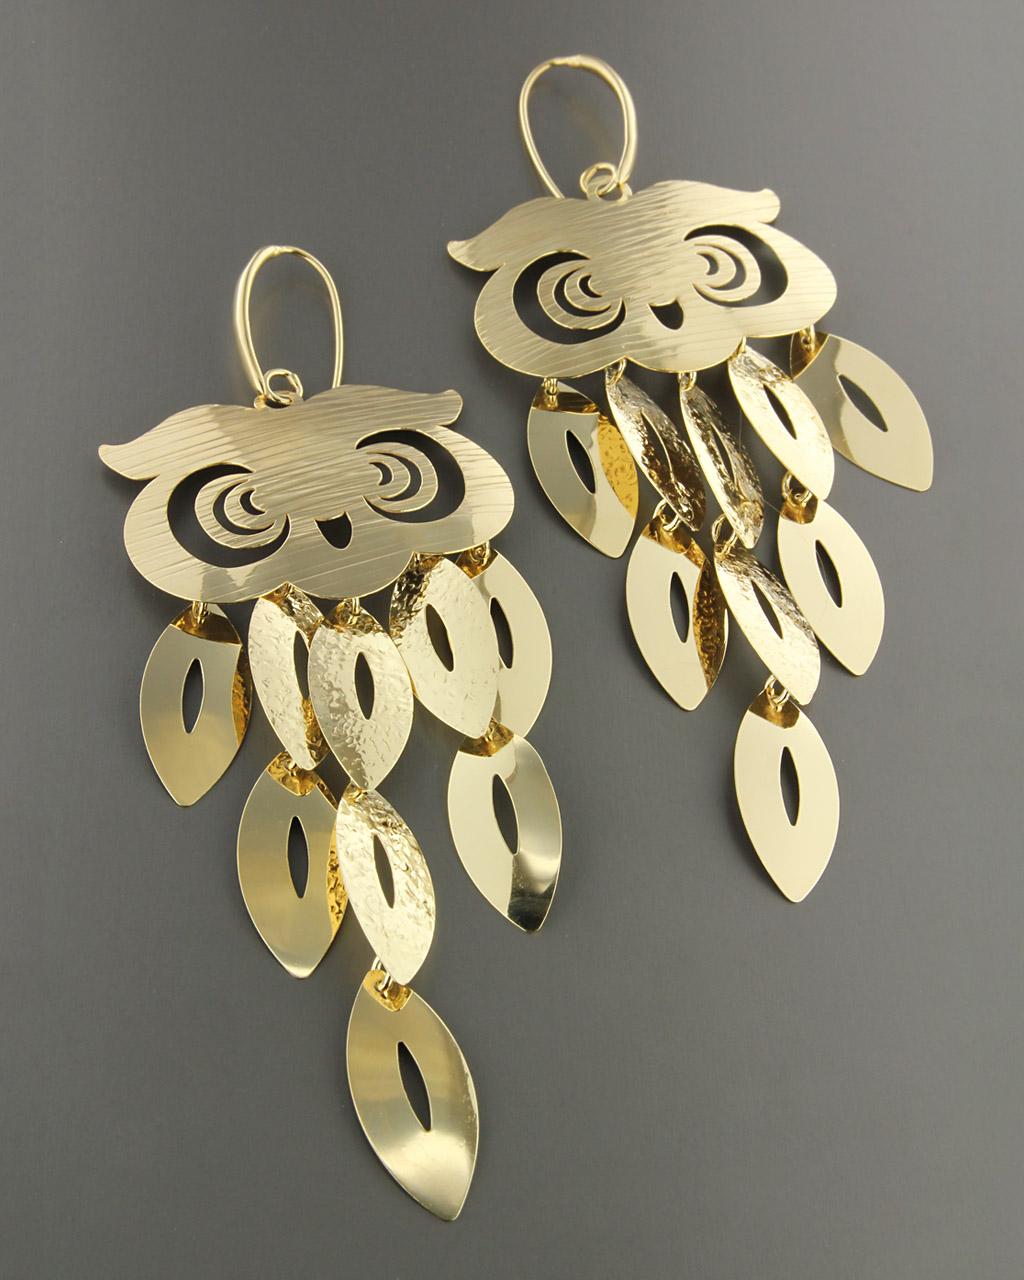 Σκουλαρίκια ασημένια 925   γυναικα σκουλαρίκια σκουλαρίκια fashion